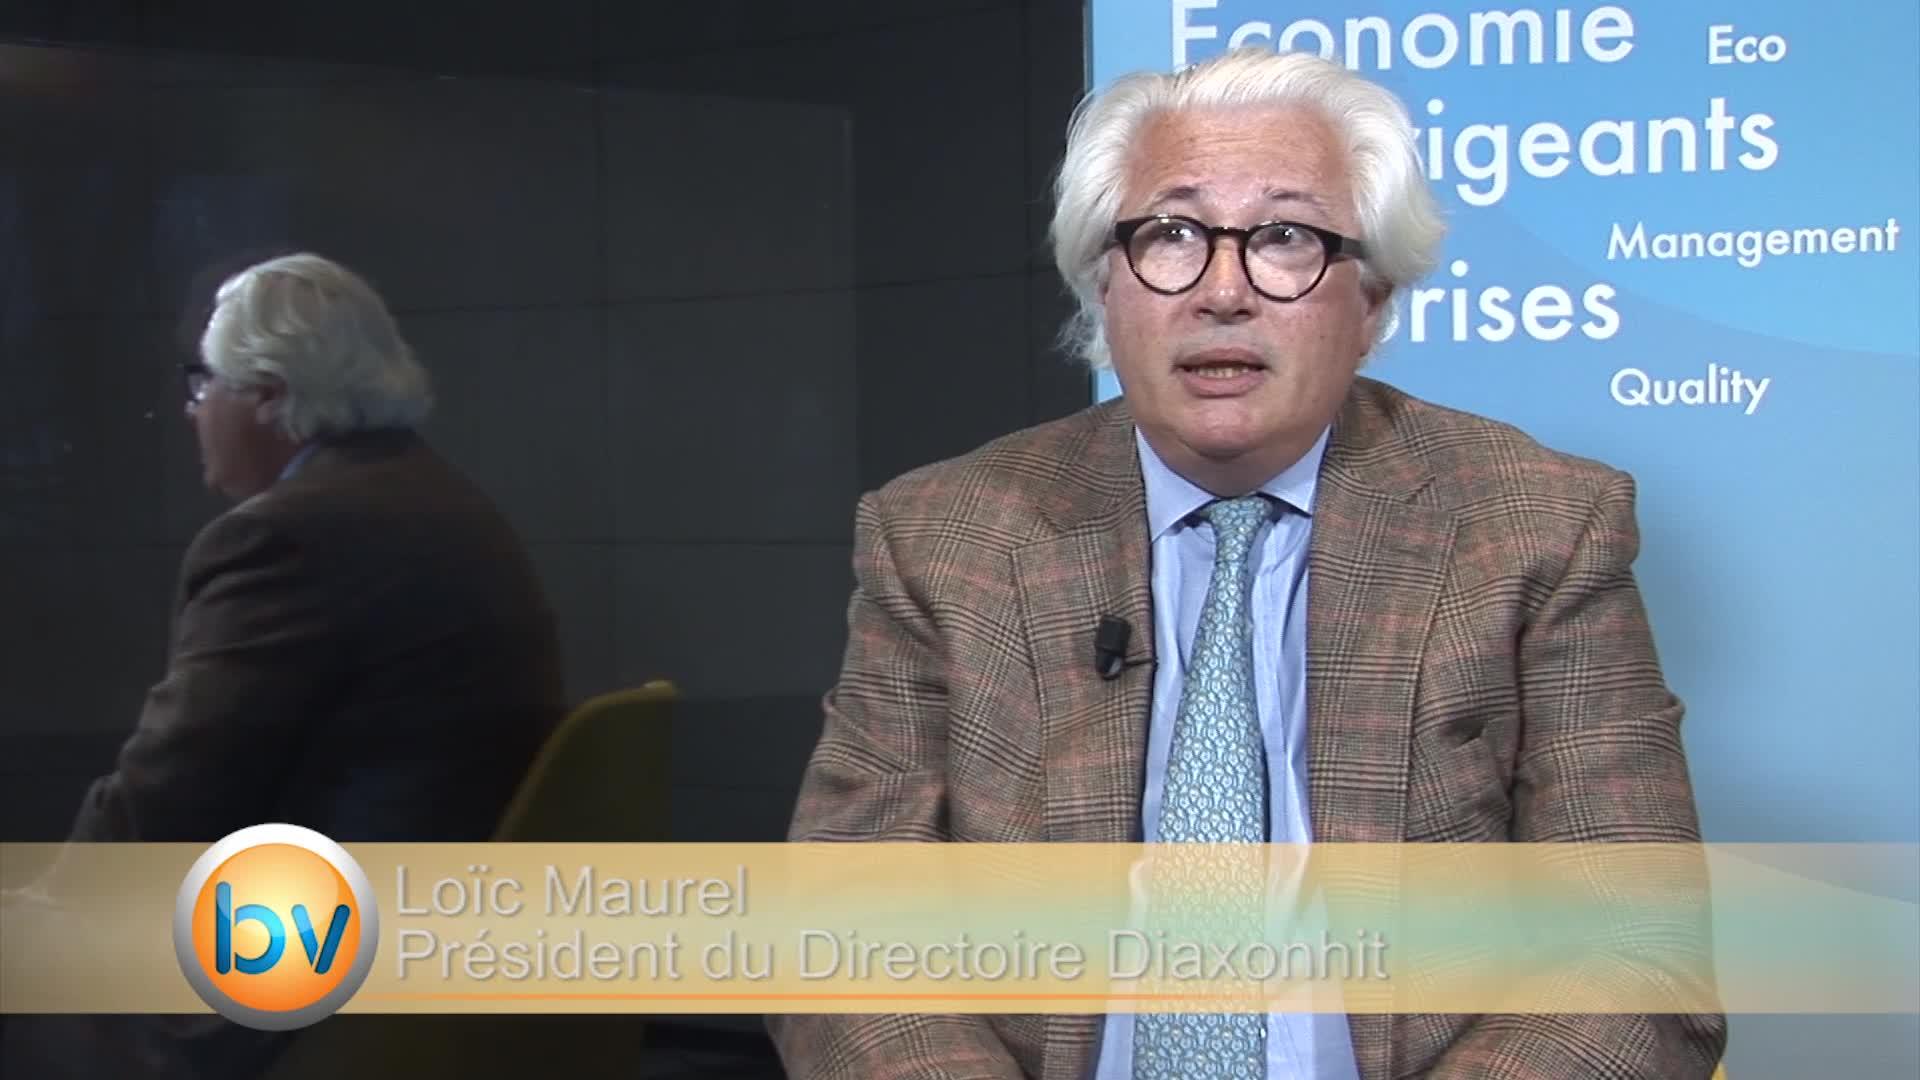 """Loïc Maurel Président du Directoire Diaxonhit : """"La croissance externe également pour de nouvelles gammes de produits"""""""